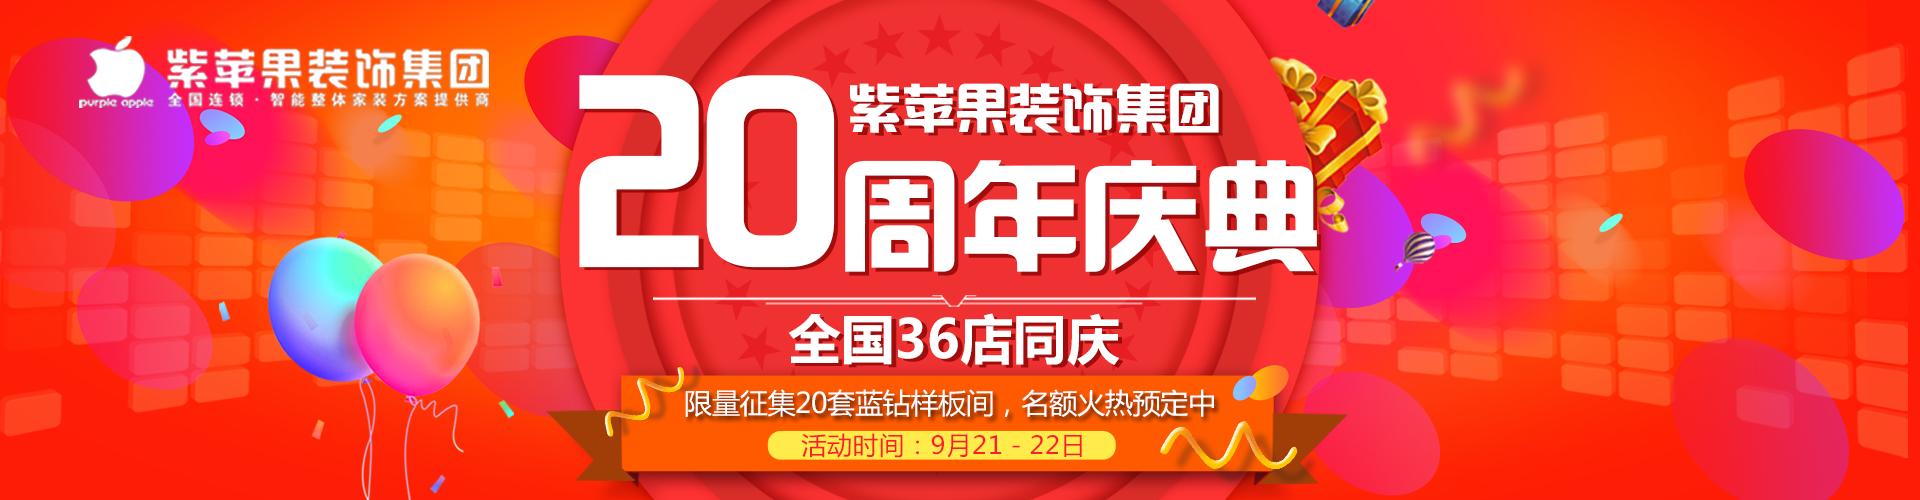 河北紫苹果装饰  20周年店庆